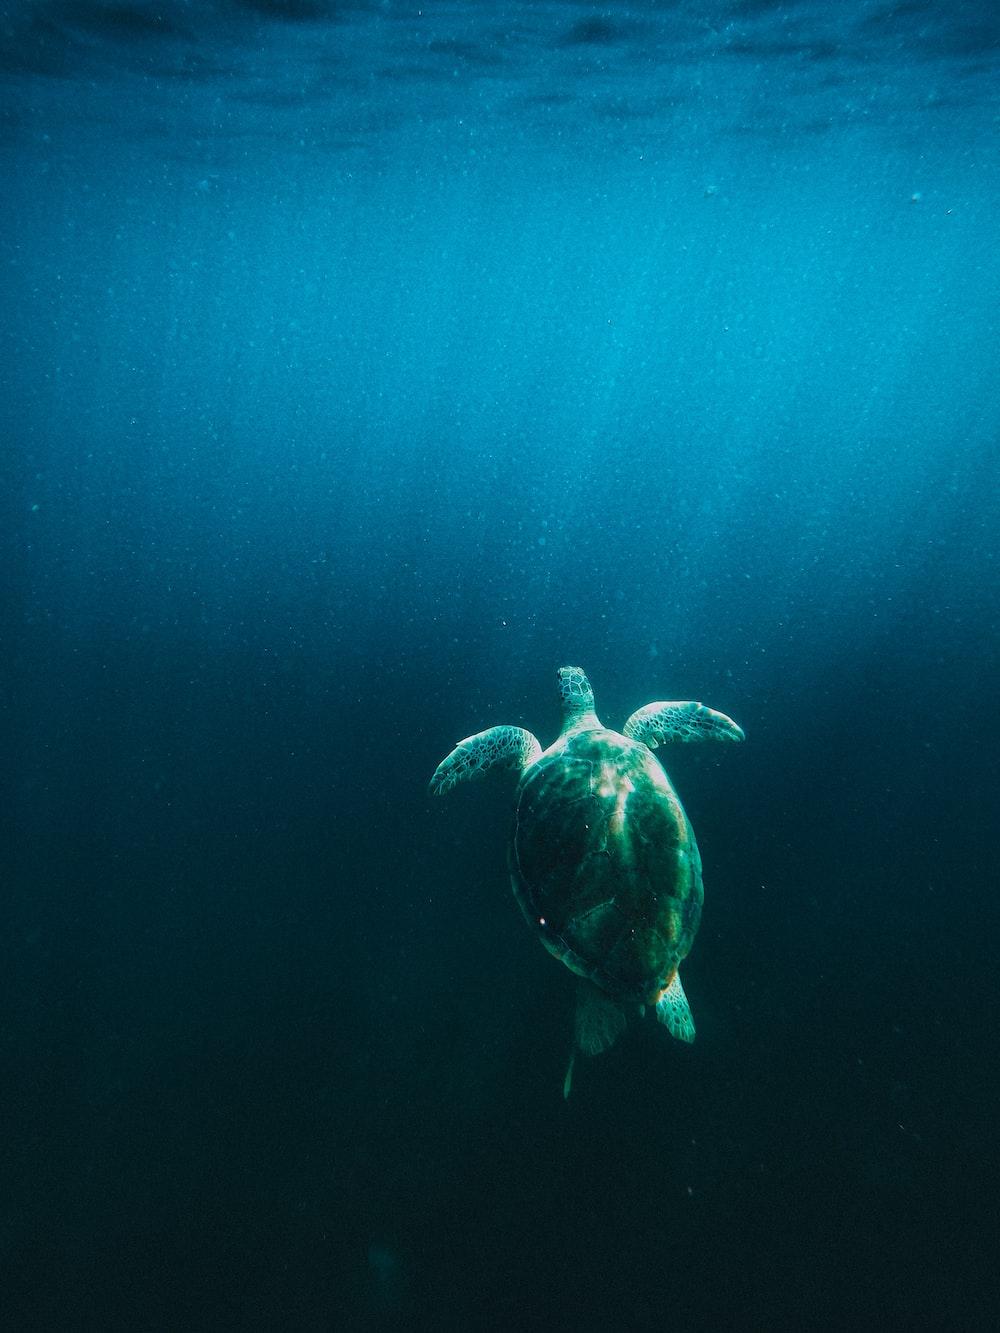 sea turtle under blue sky